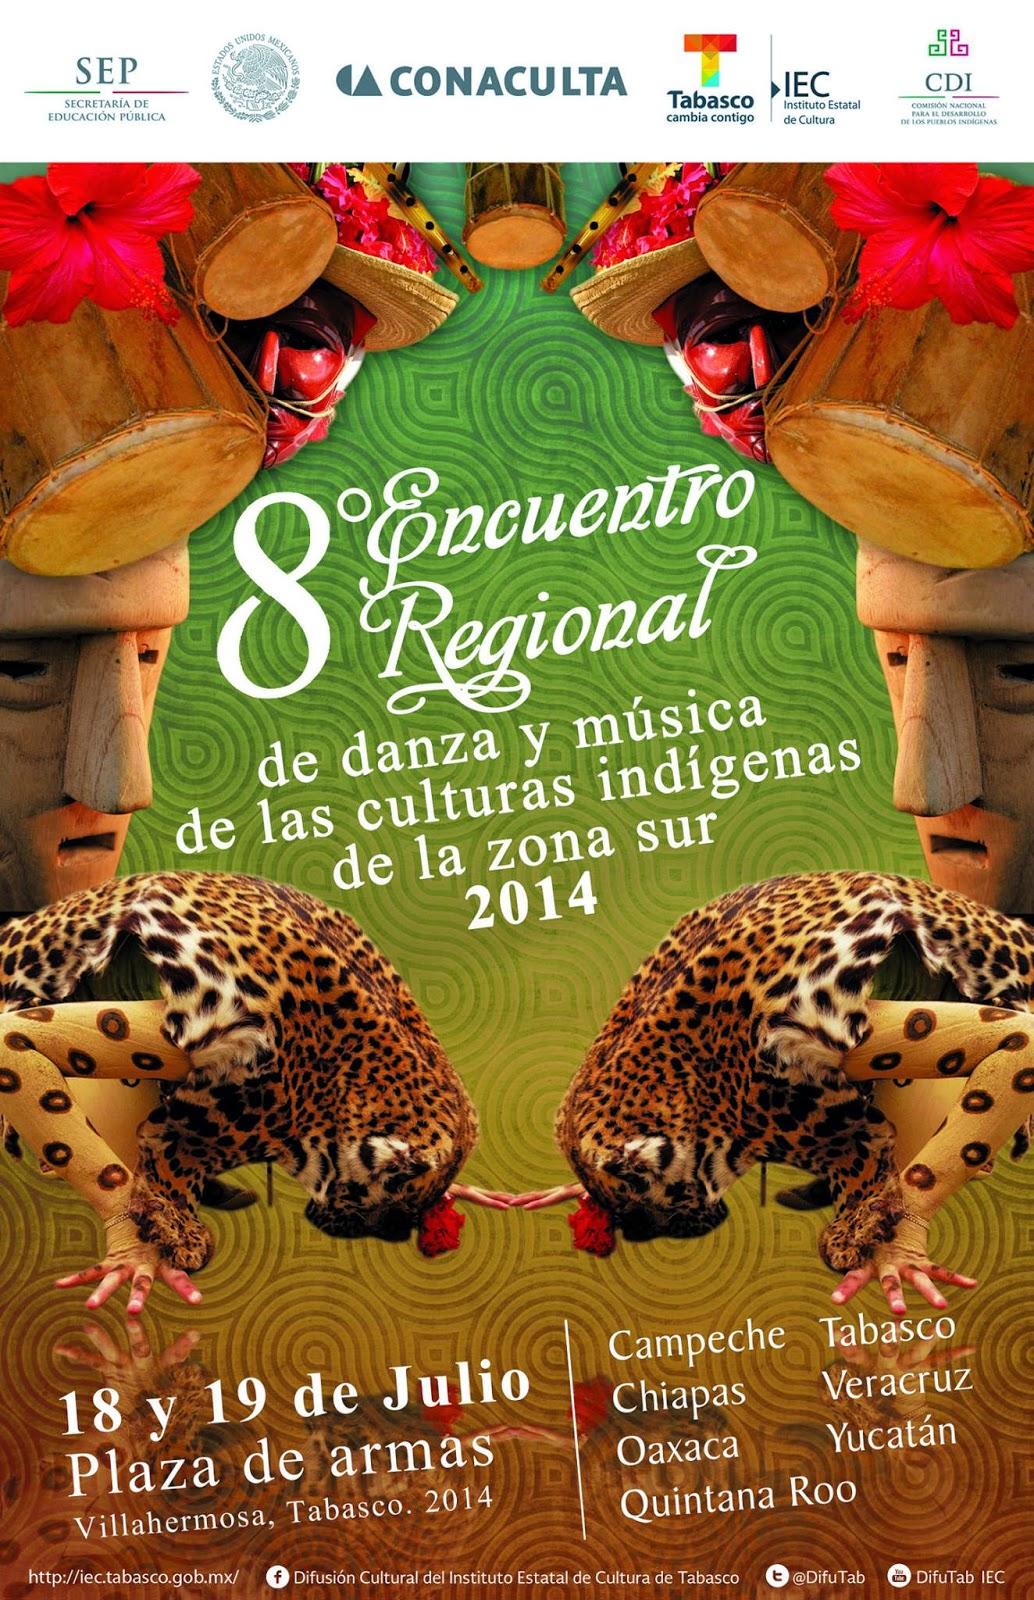 Octavo encuentro de musica y danzas indigenas de la region sur en Villarhermosa Tabasco